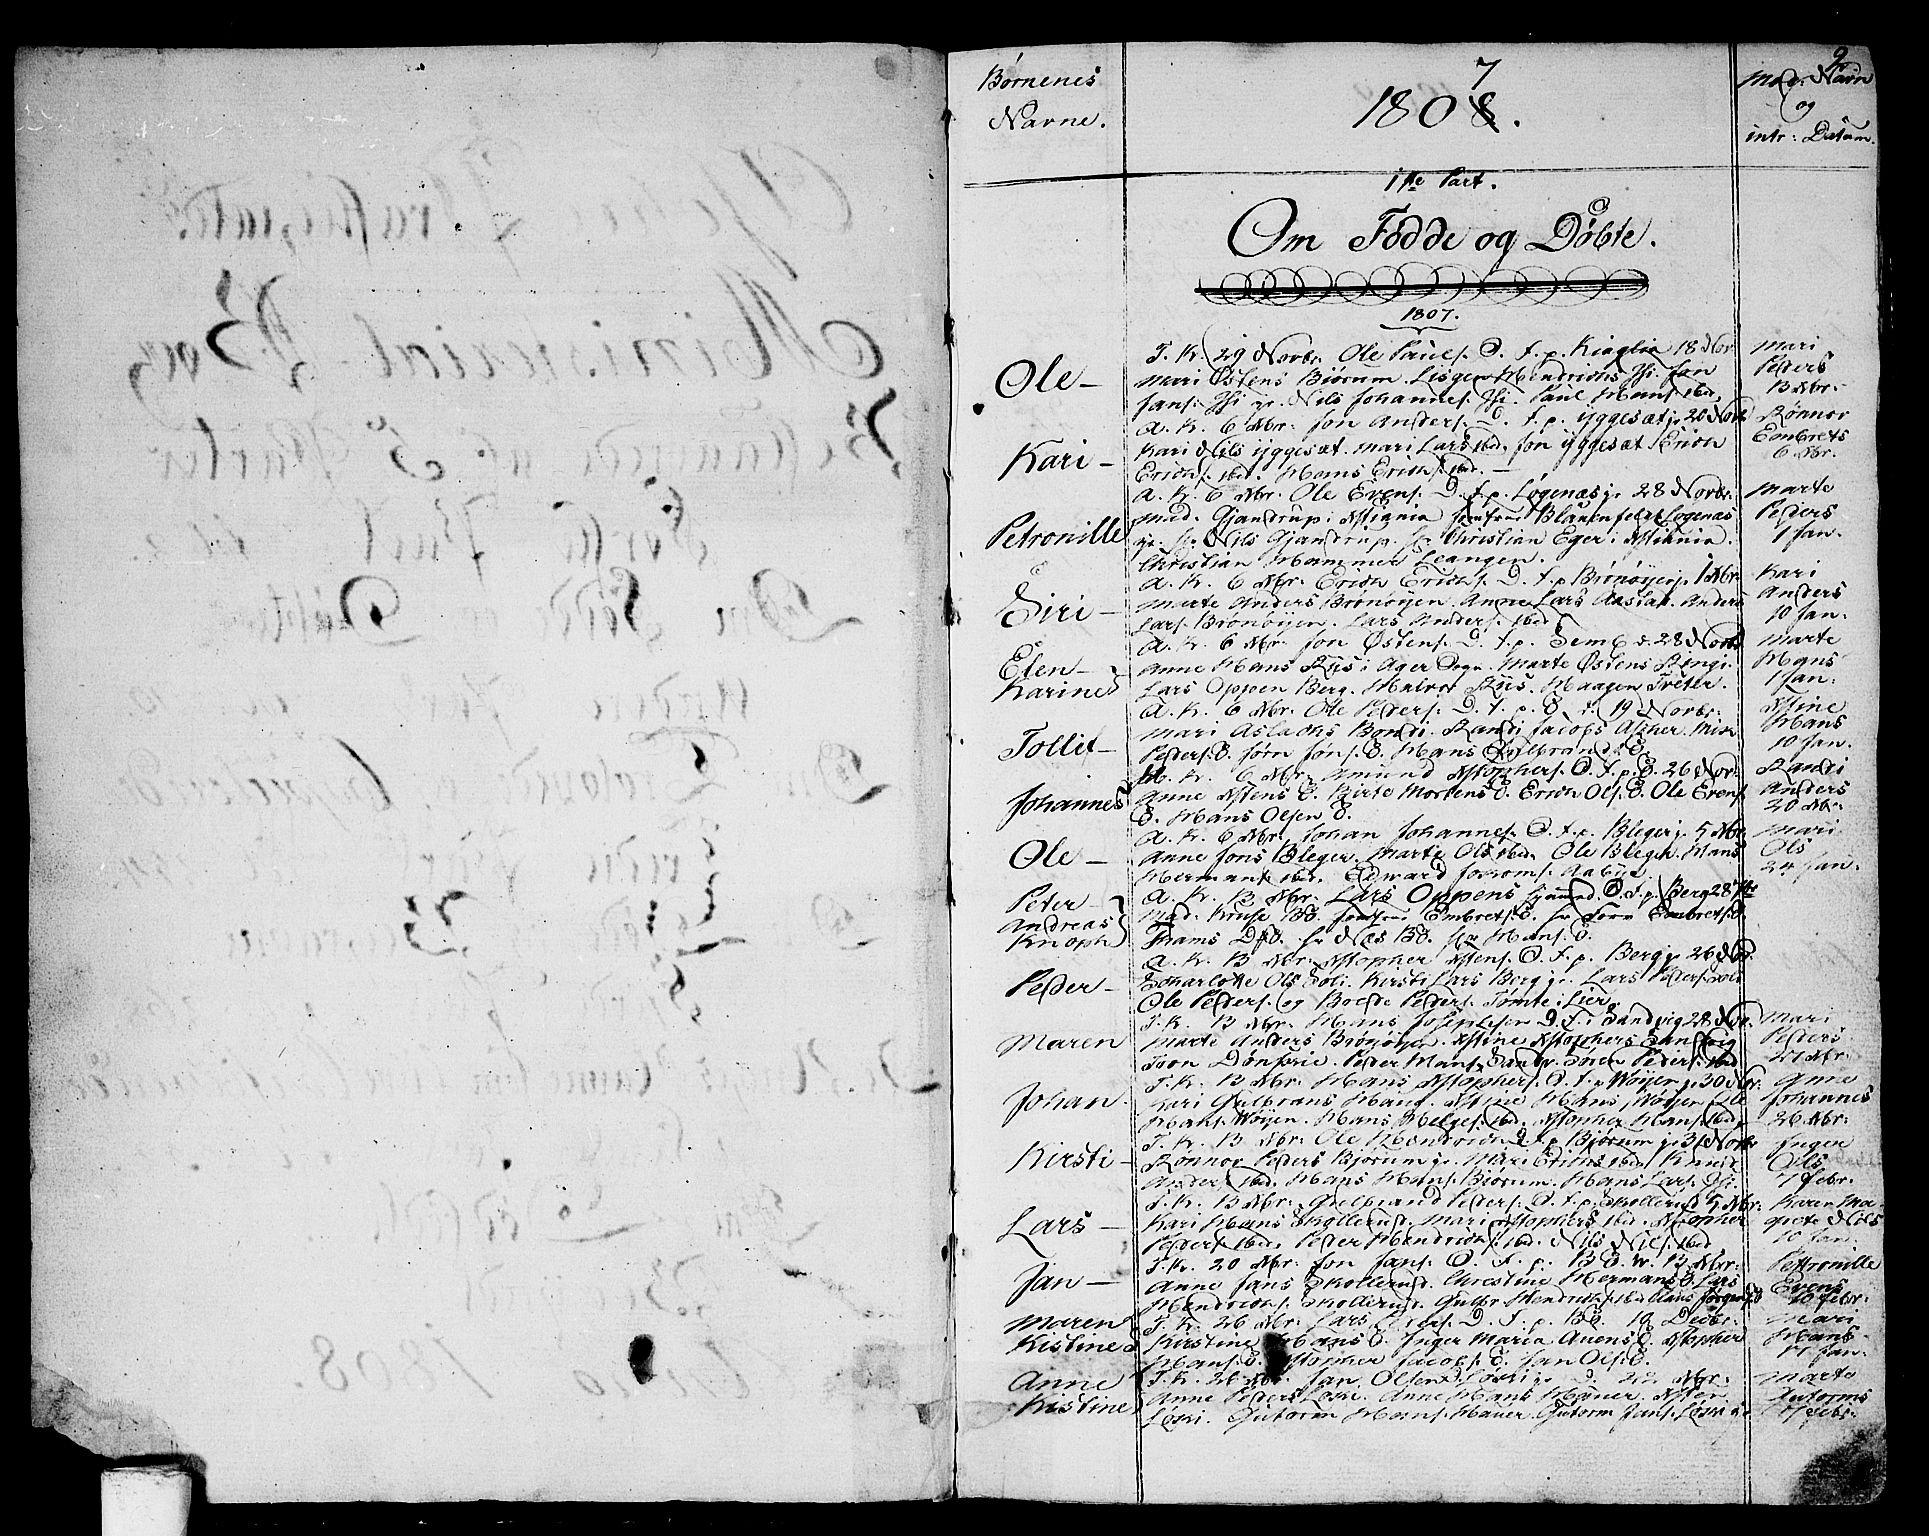 SAO, Asker prestekontor Kirkebøker, F/Fa/L0005: Ministerialbok nr. I 5, 1807-1813, s. 2